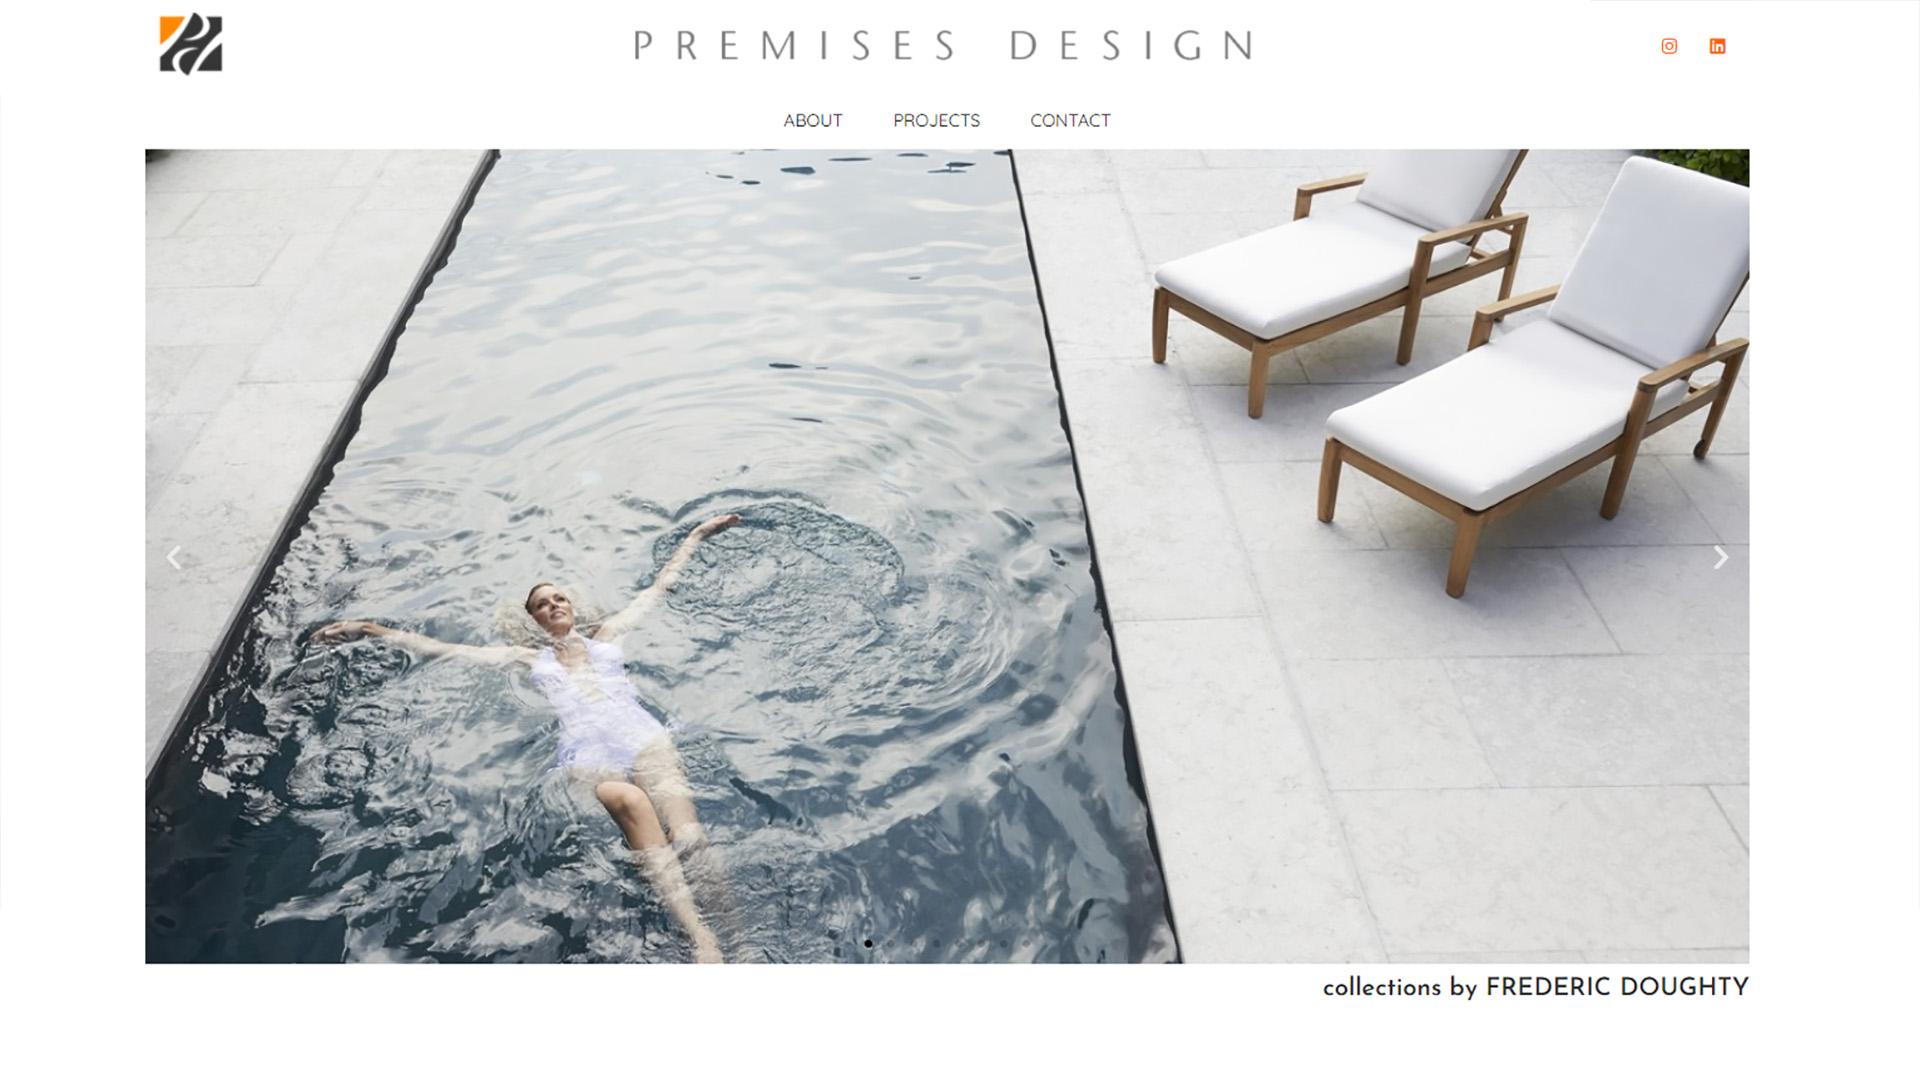 premises-design